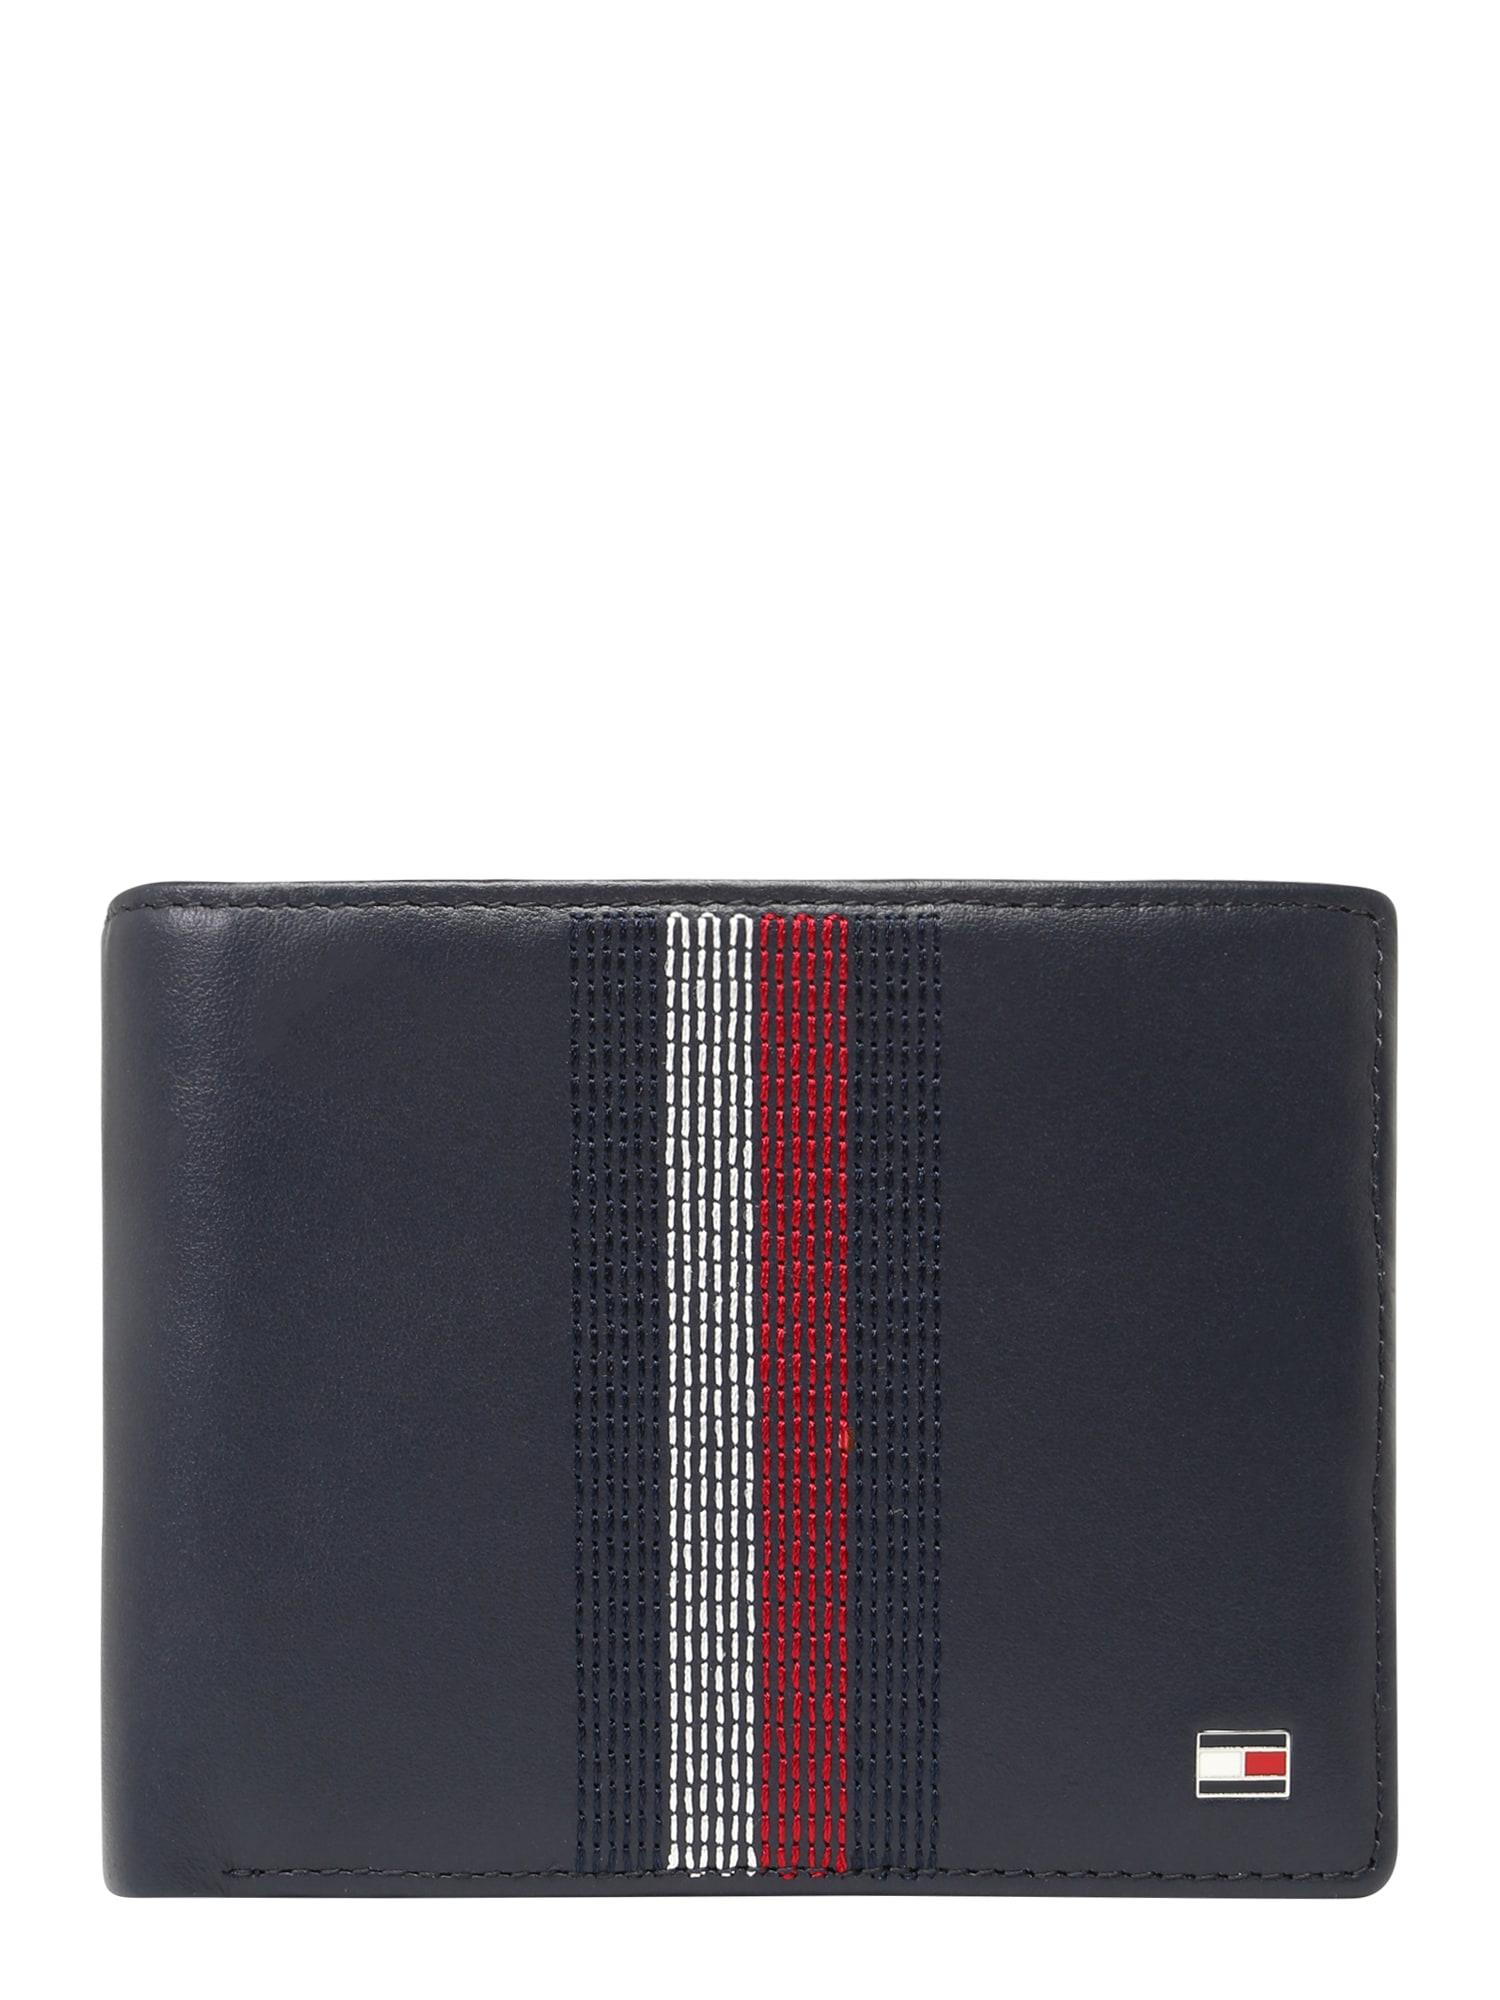 Peněženka STITCHED LEATHER EXTRA CC & COIN tmavě modrá TOMMY HILFIGER